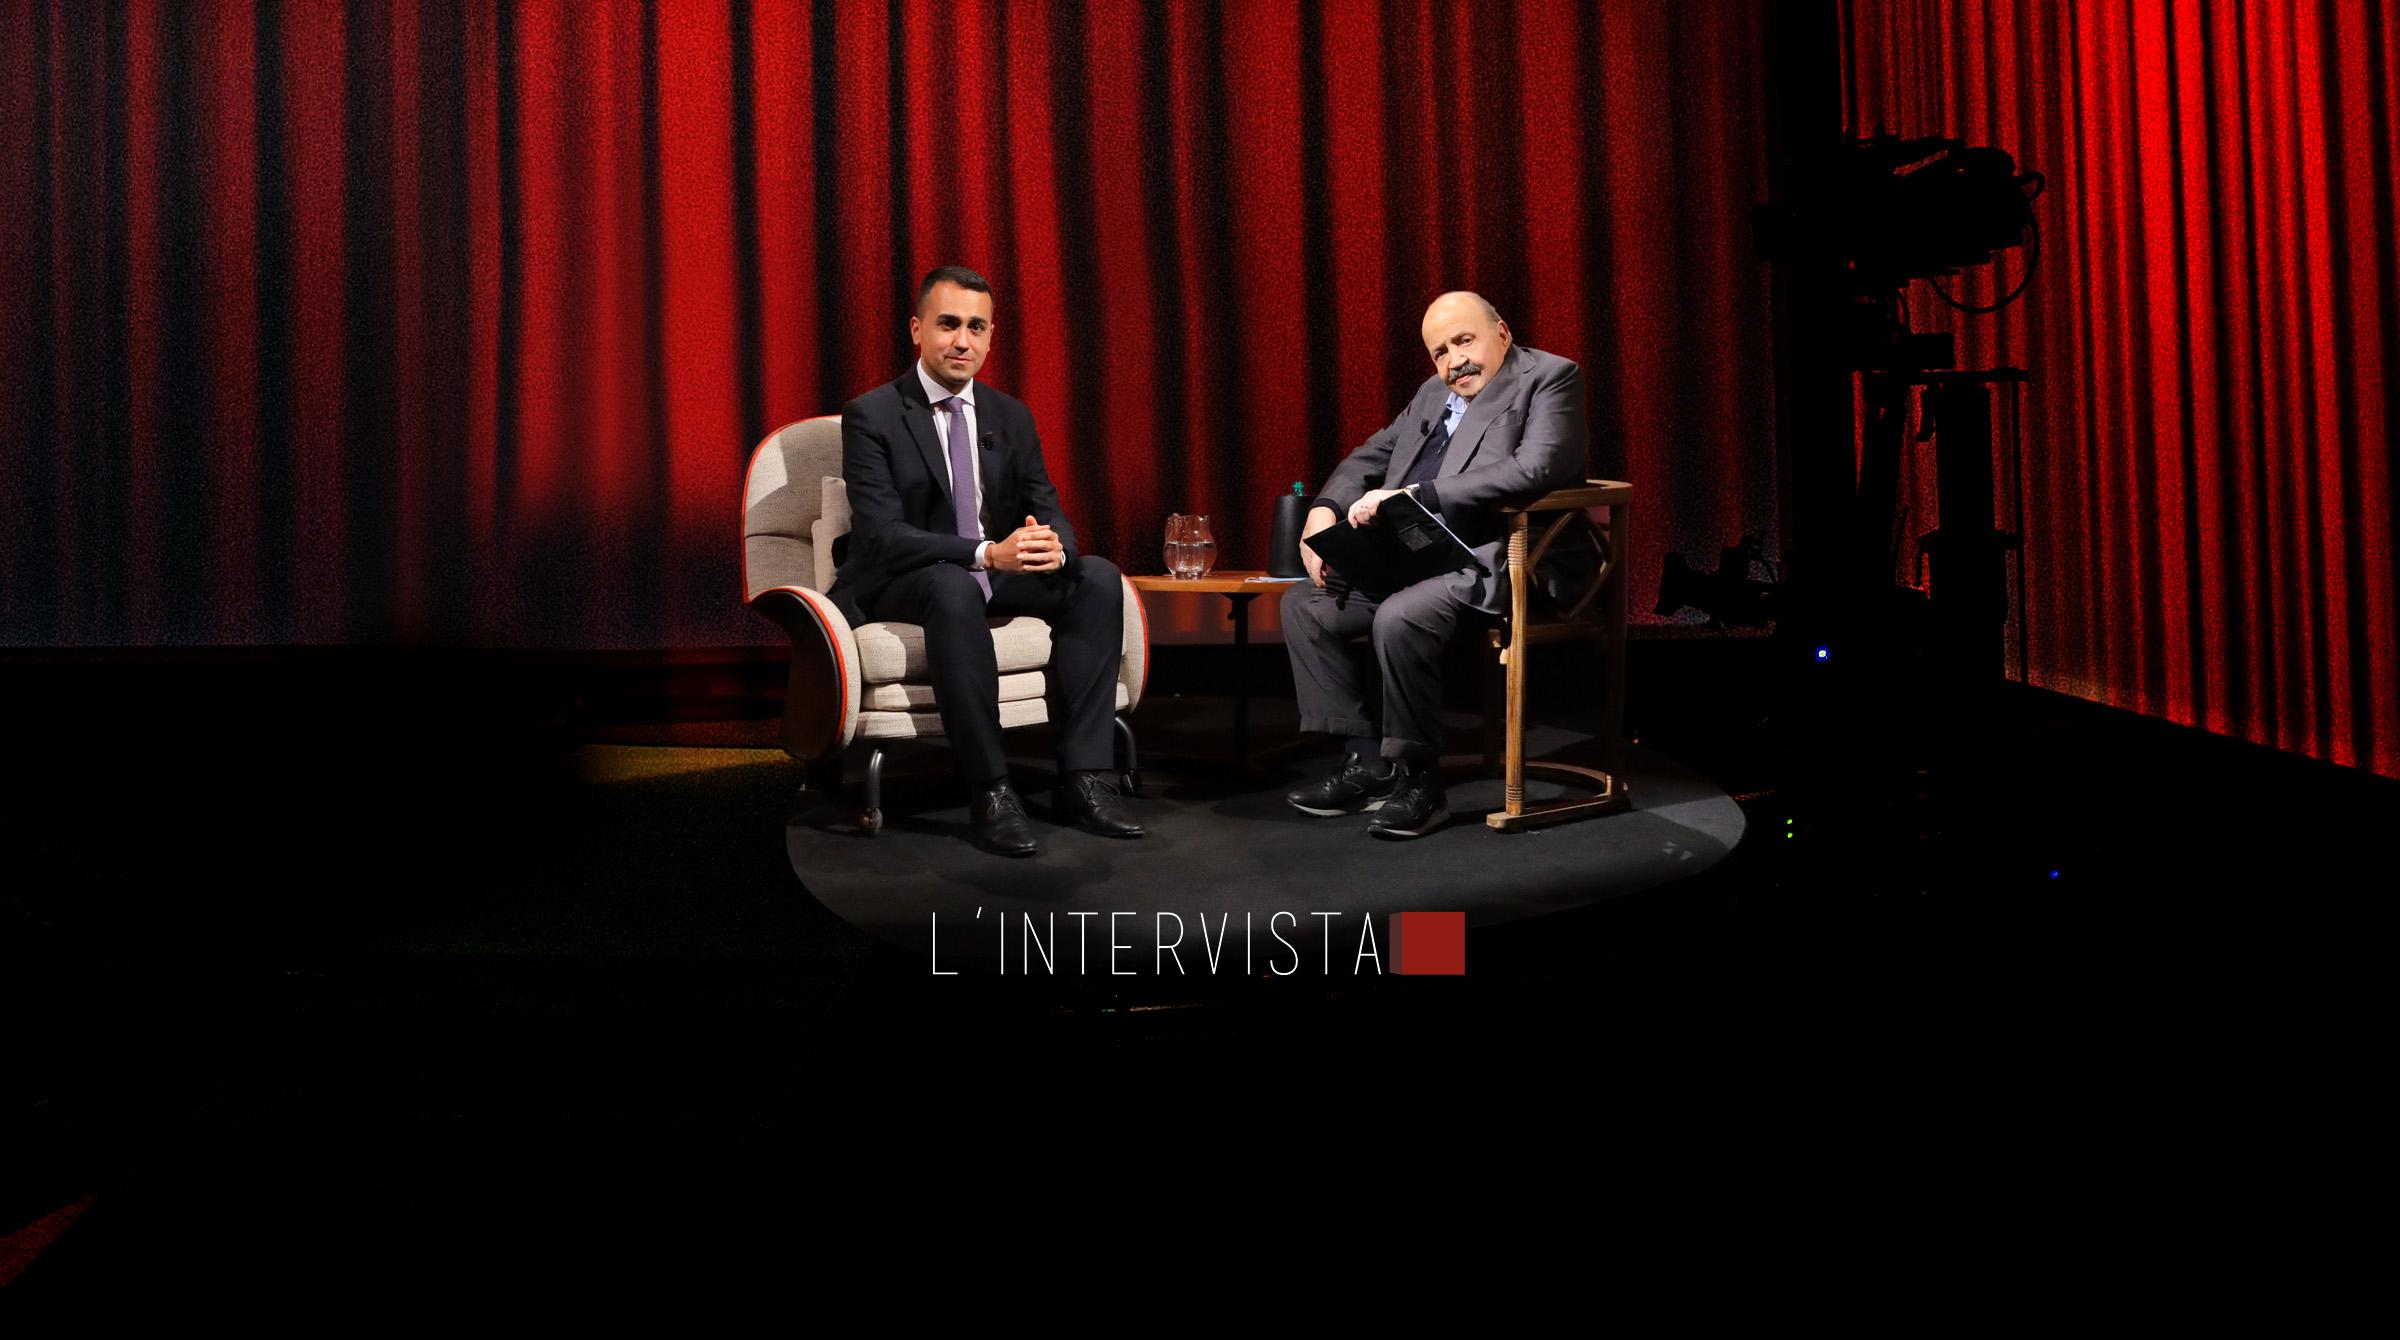 intervista-puntata-dimaio